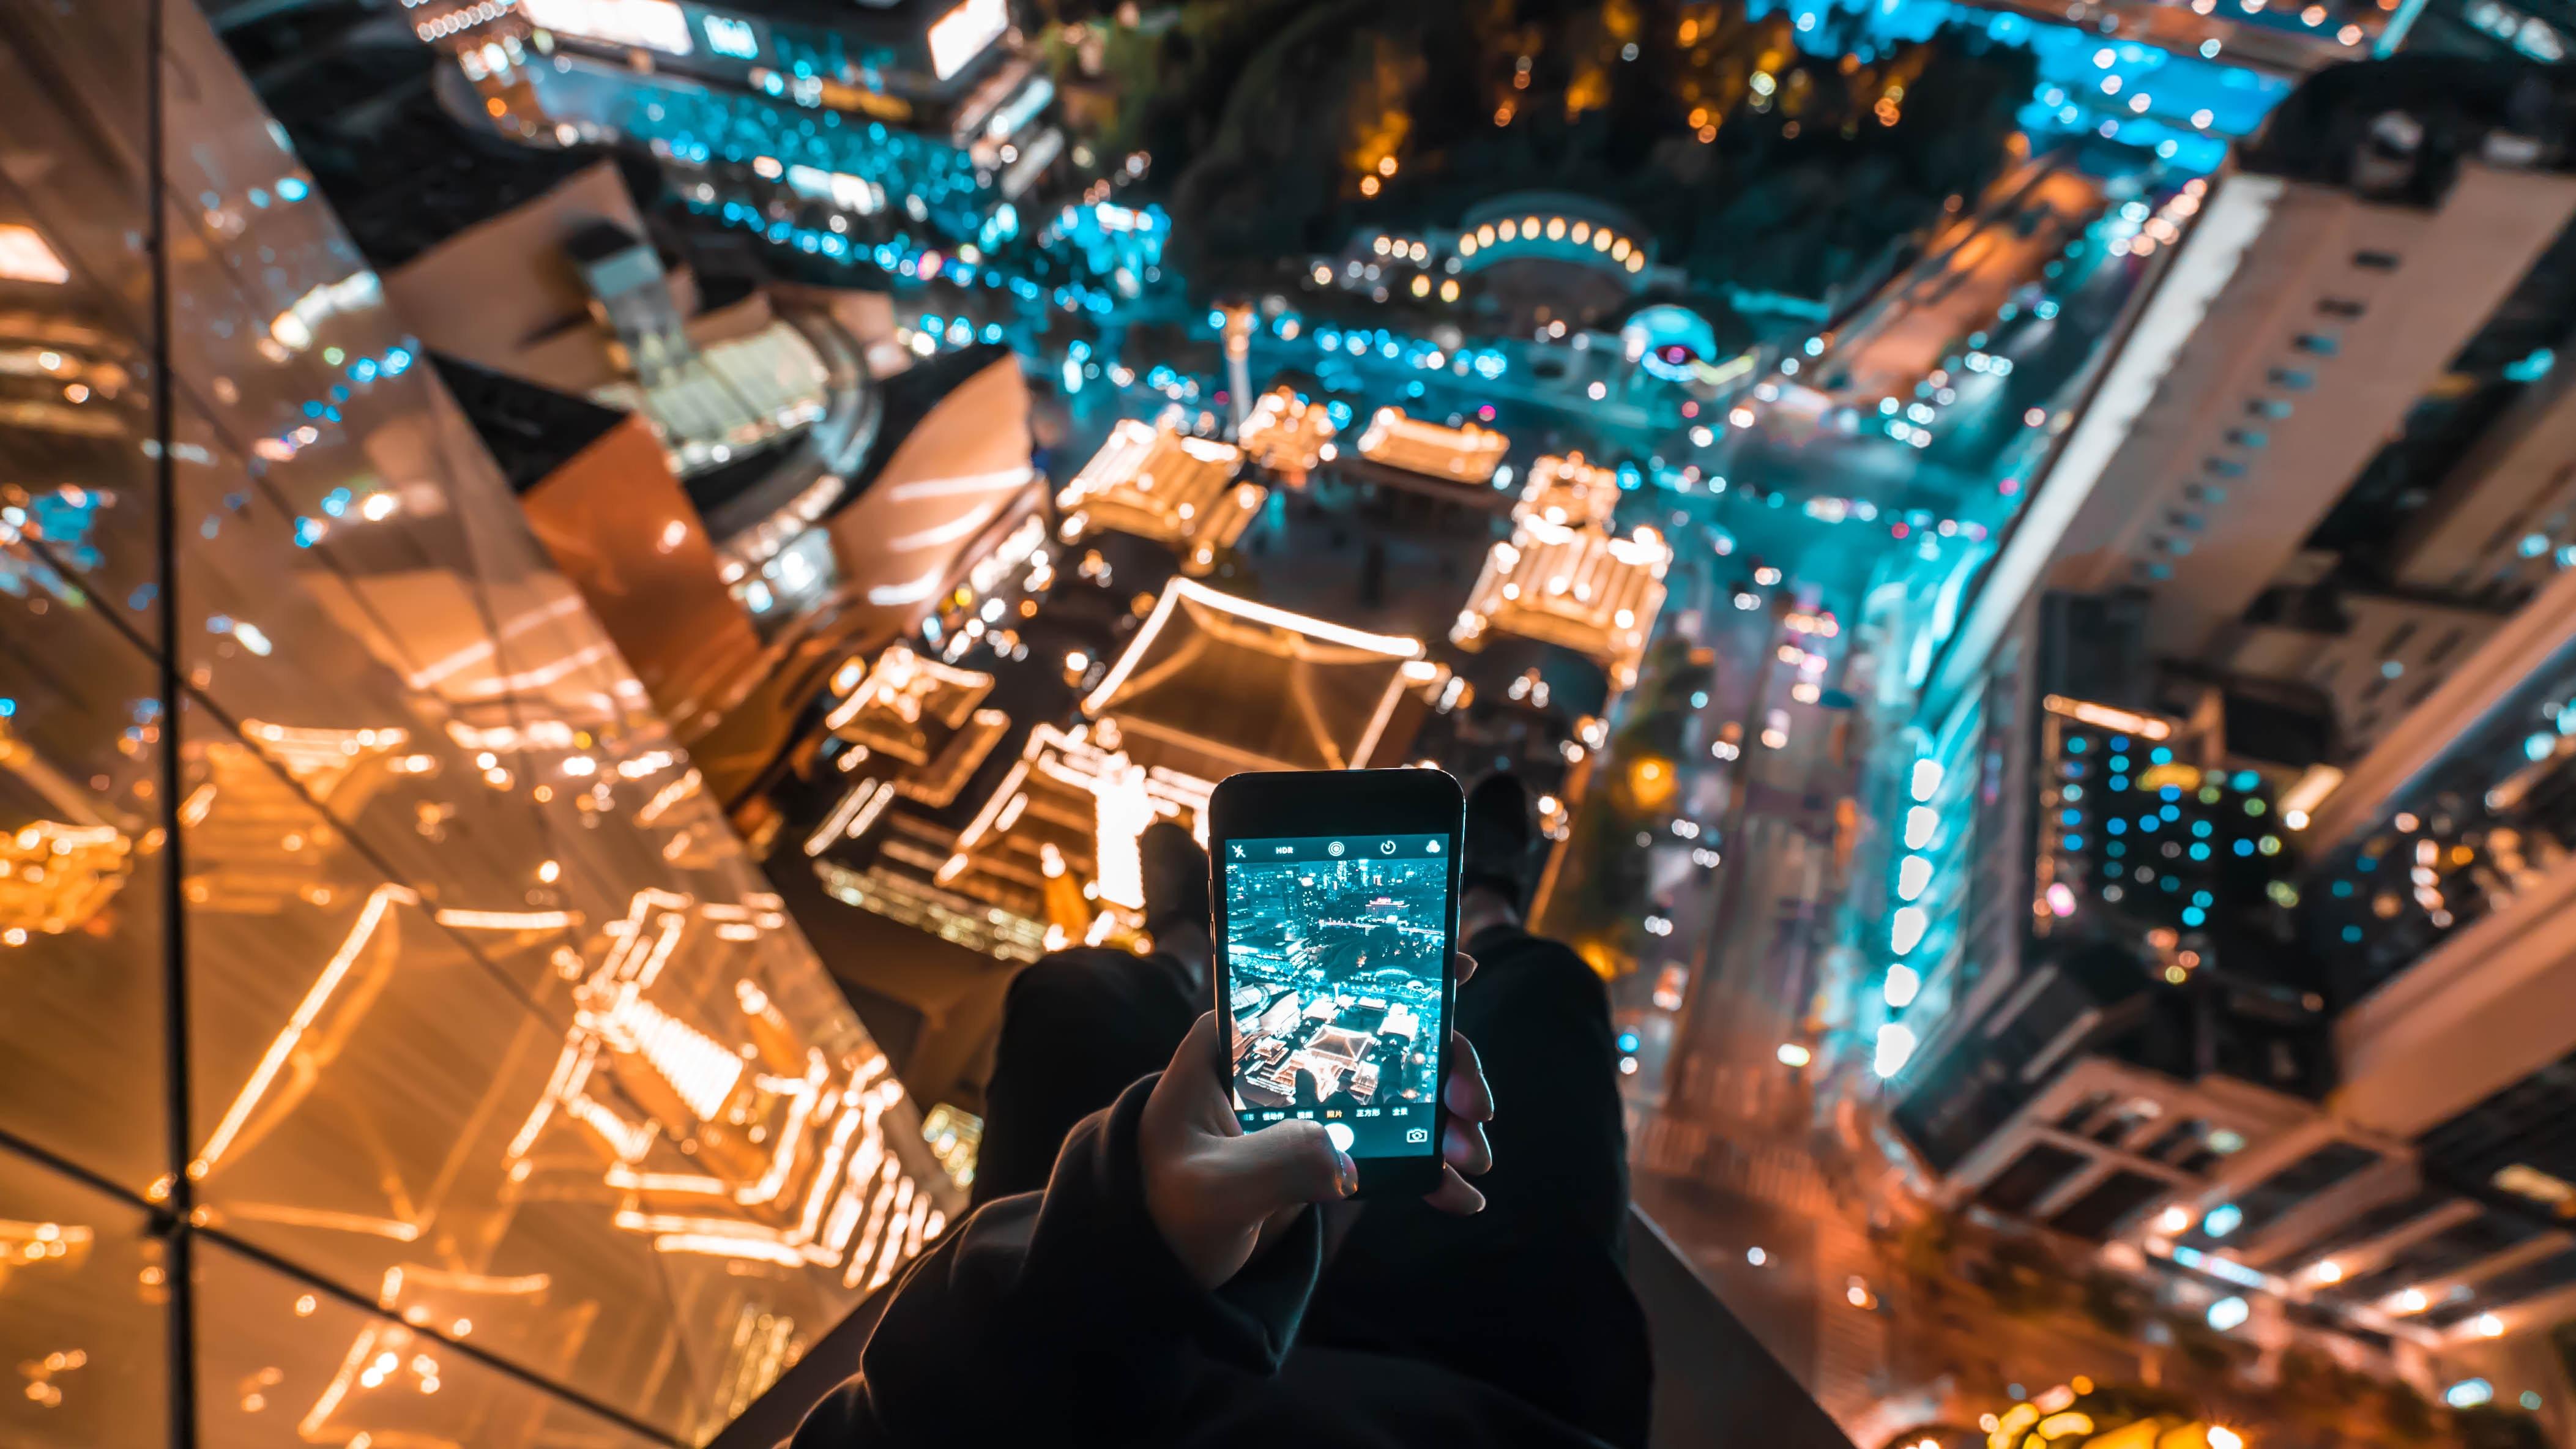 欧洲流量通过中国电信错误传输2小时-互联网之家